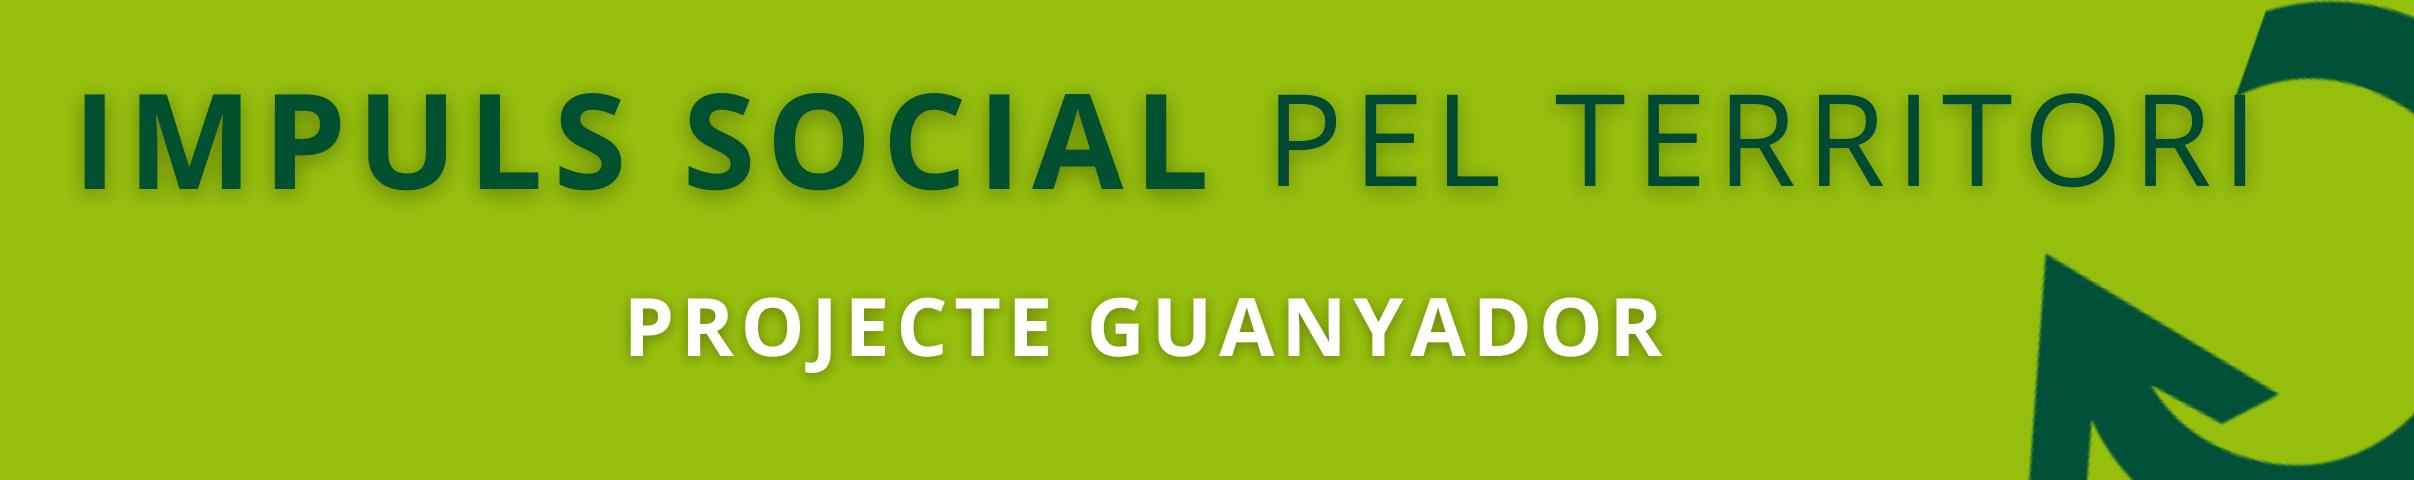 Convocatòria Impuls Social pel Territori - projecte guanyador